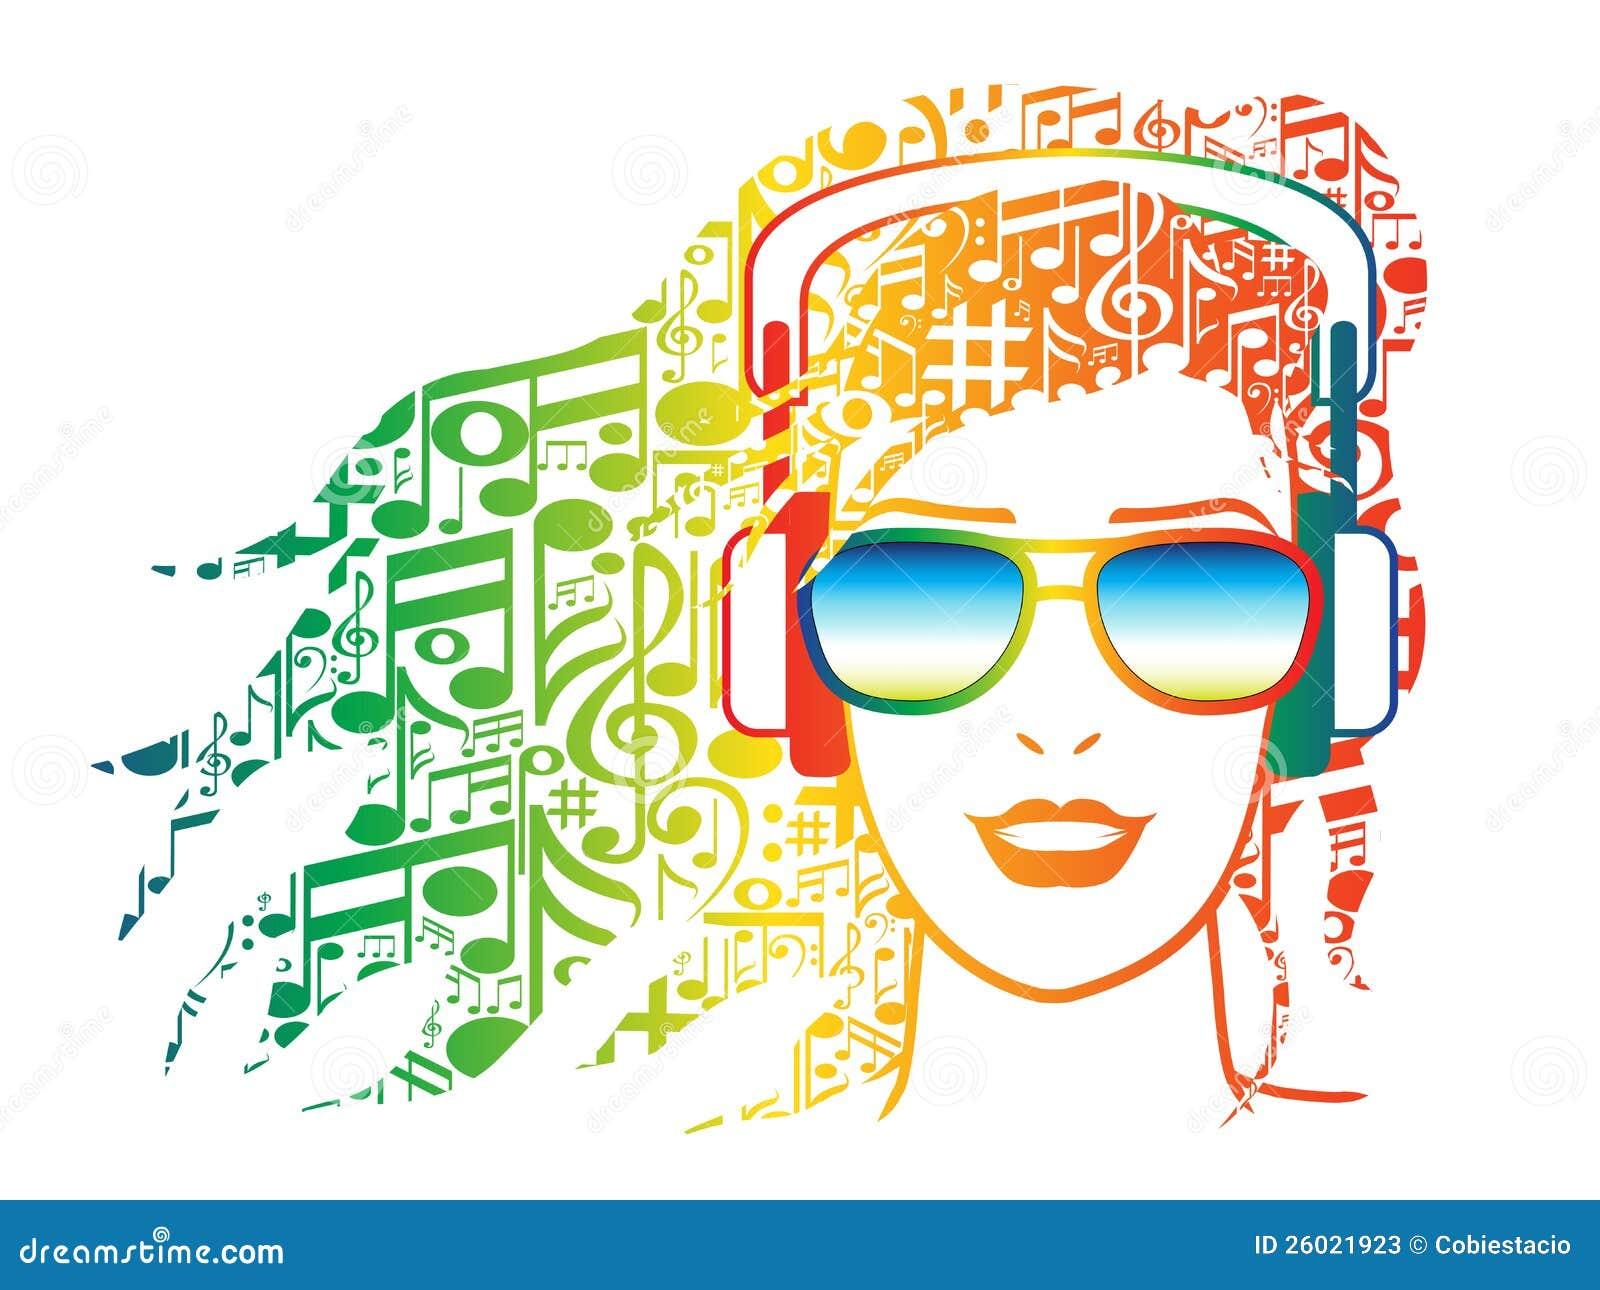 Auriculares Y Las Notas Musicales Ilustraciones Stock Vectores Y